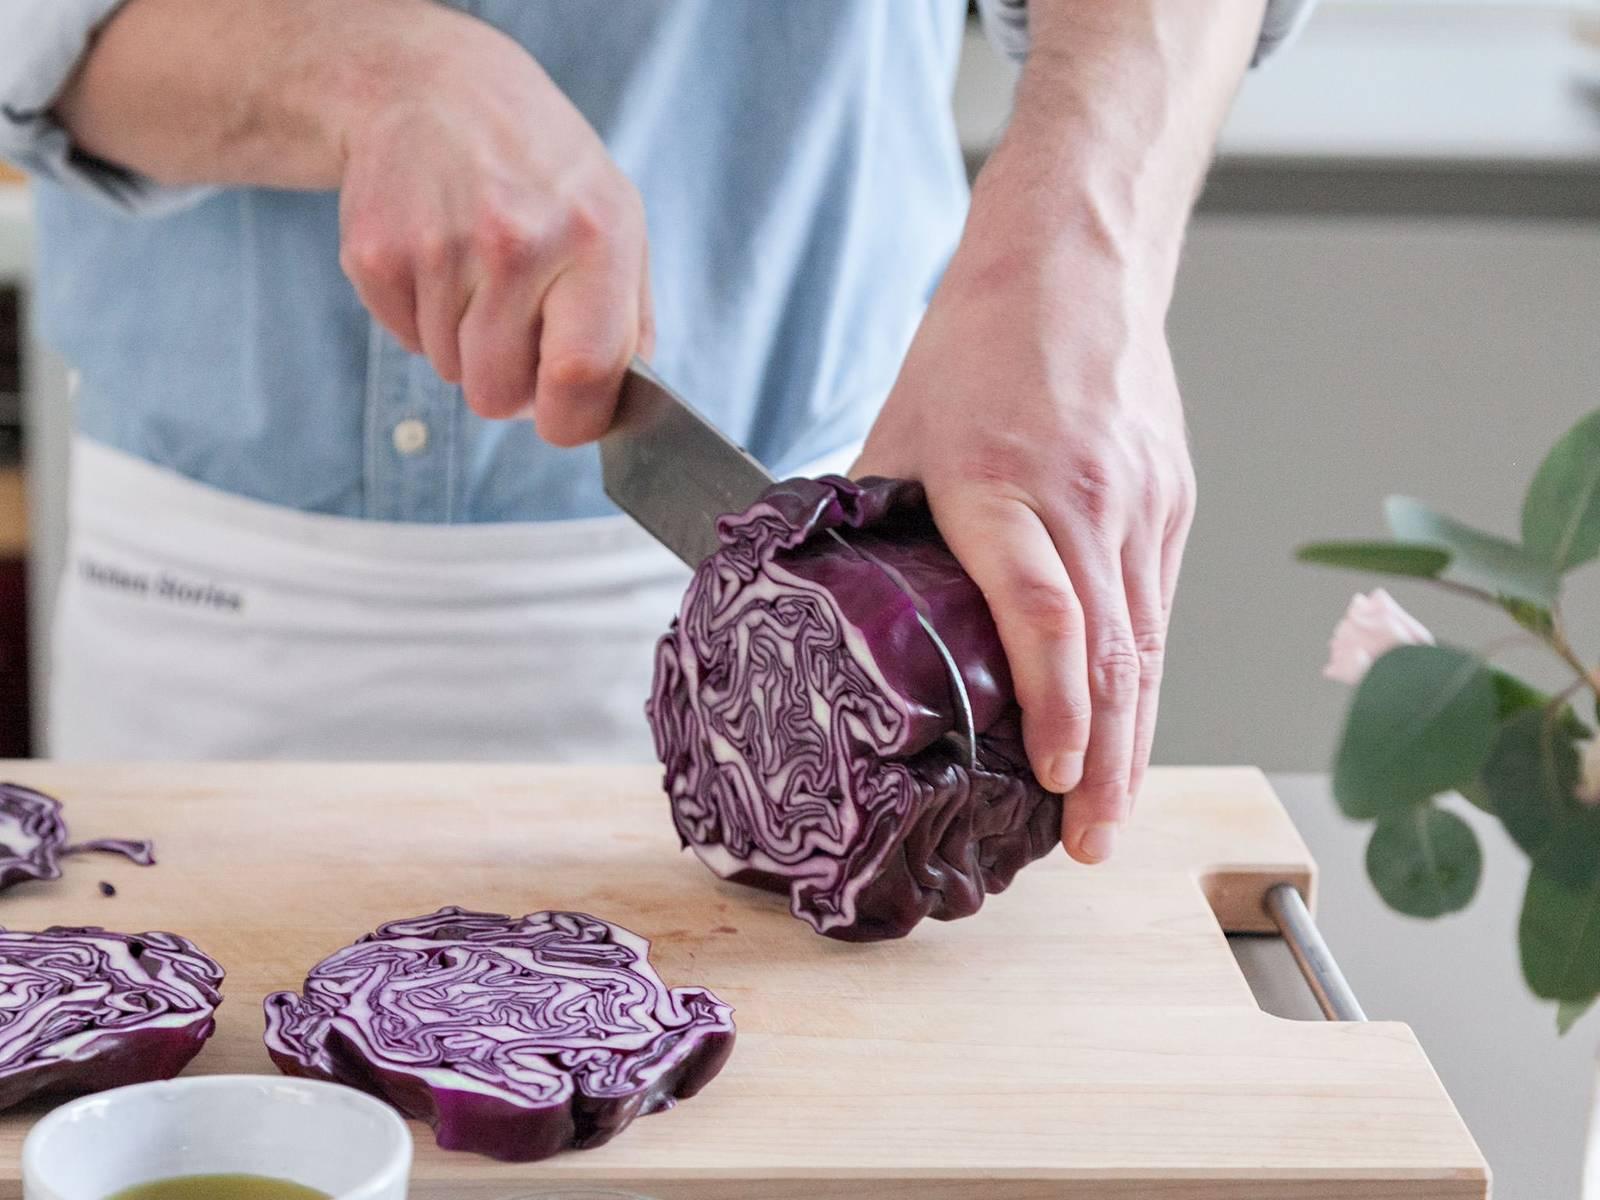 将烤箱预热至160℃。将红叶卷心菜切成拇指般厚的片状。